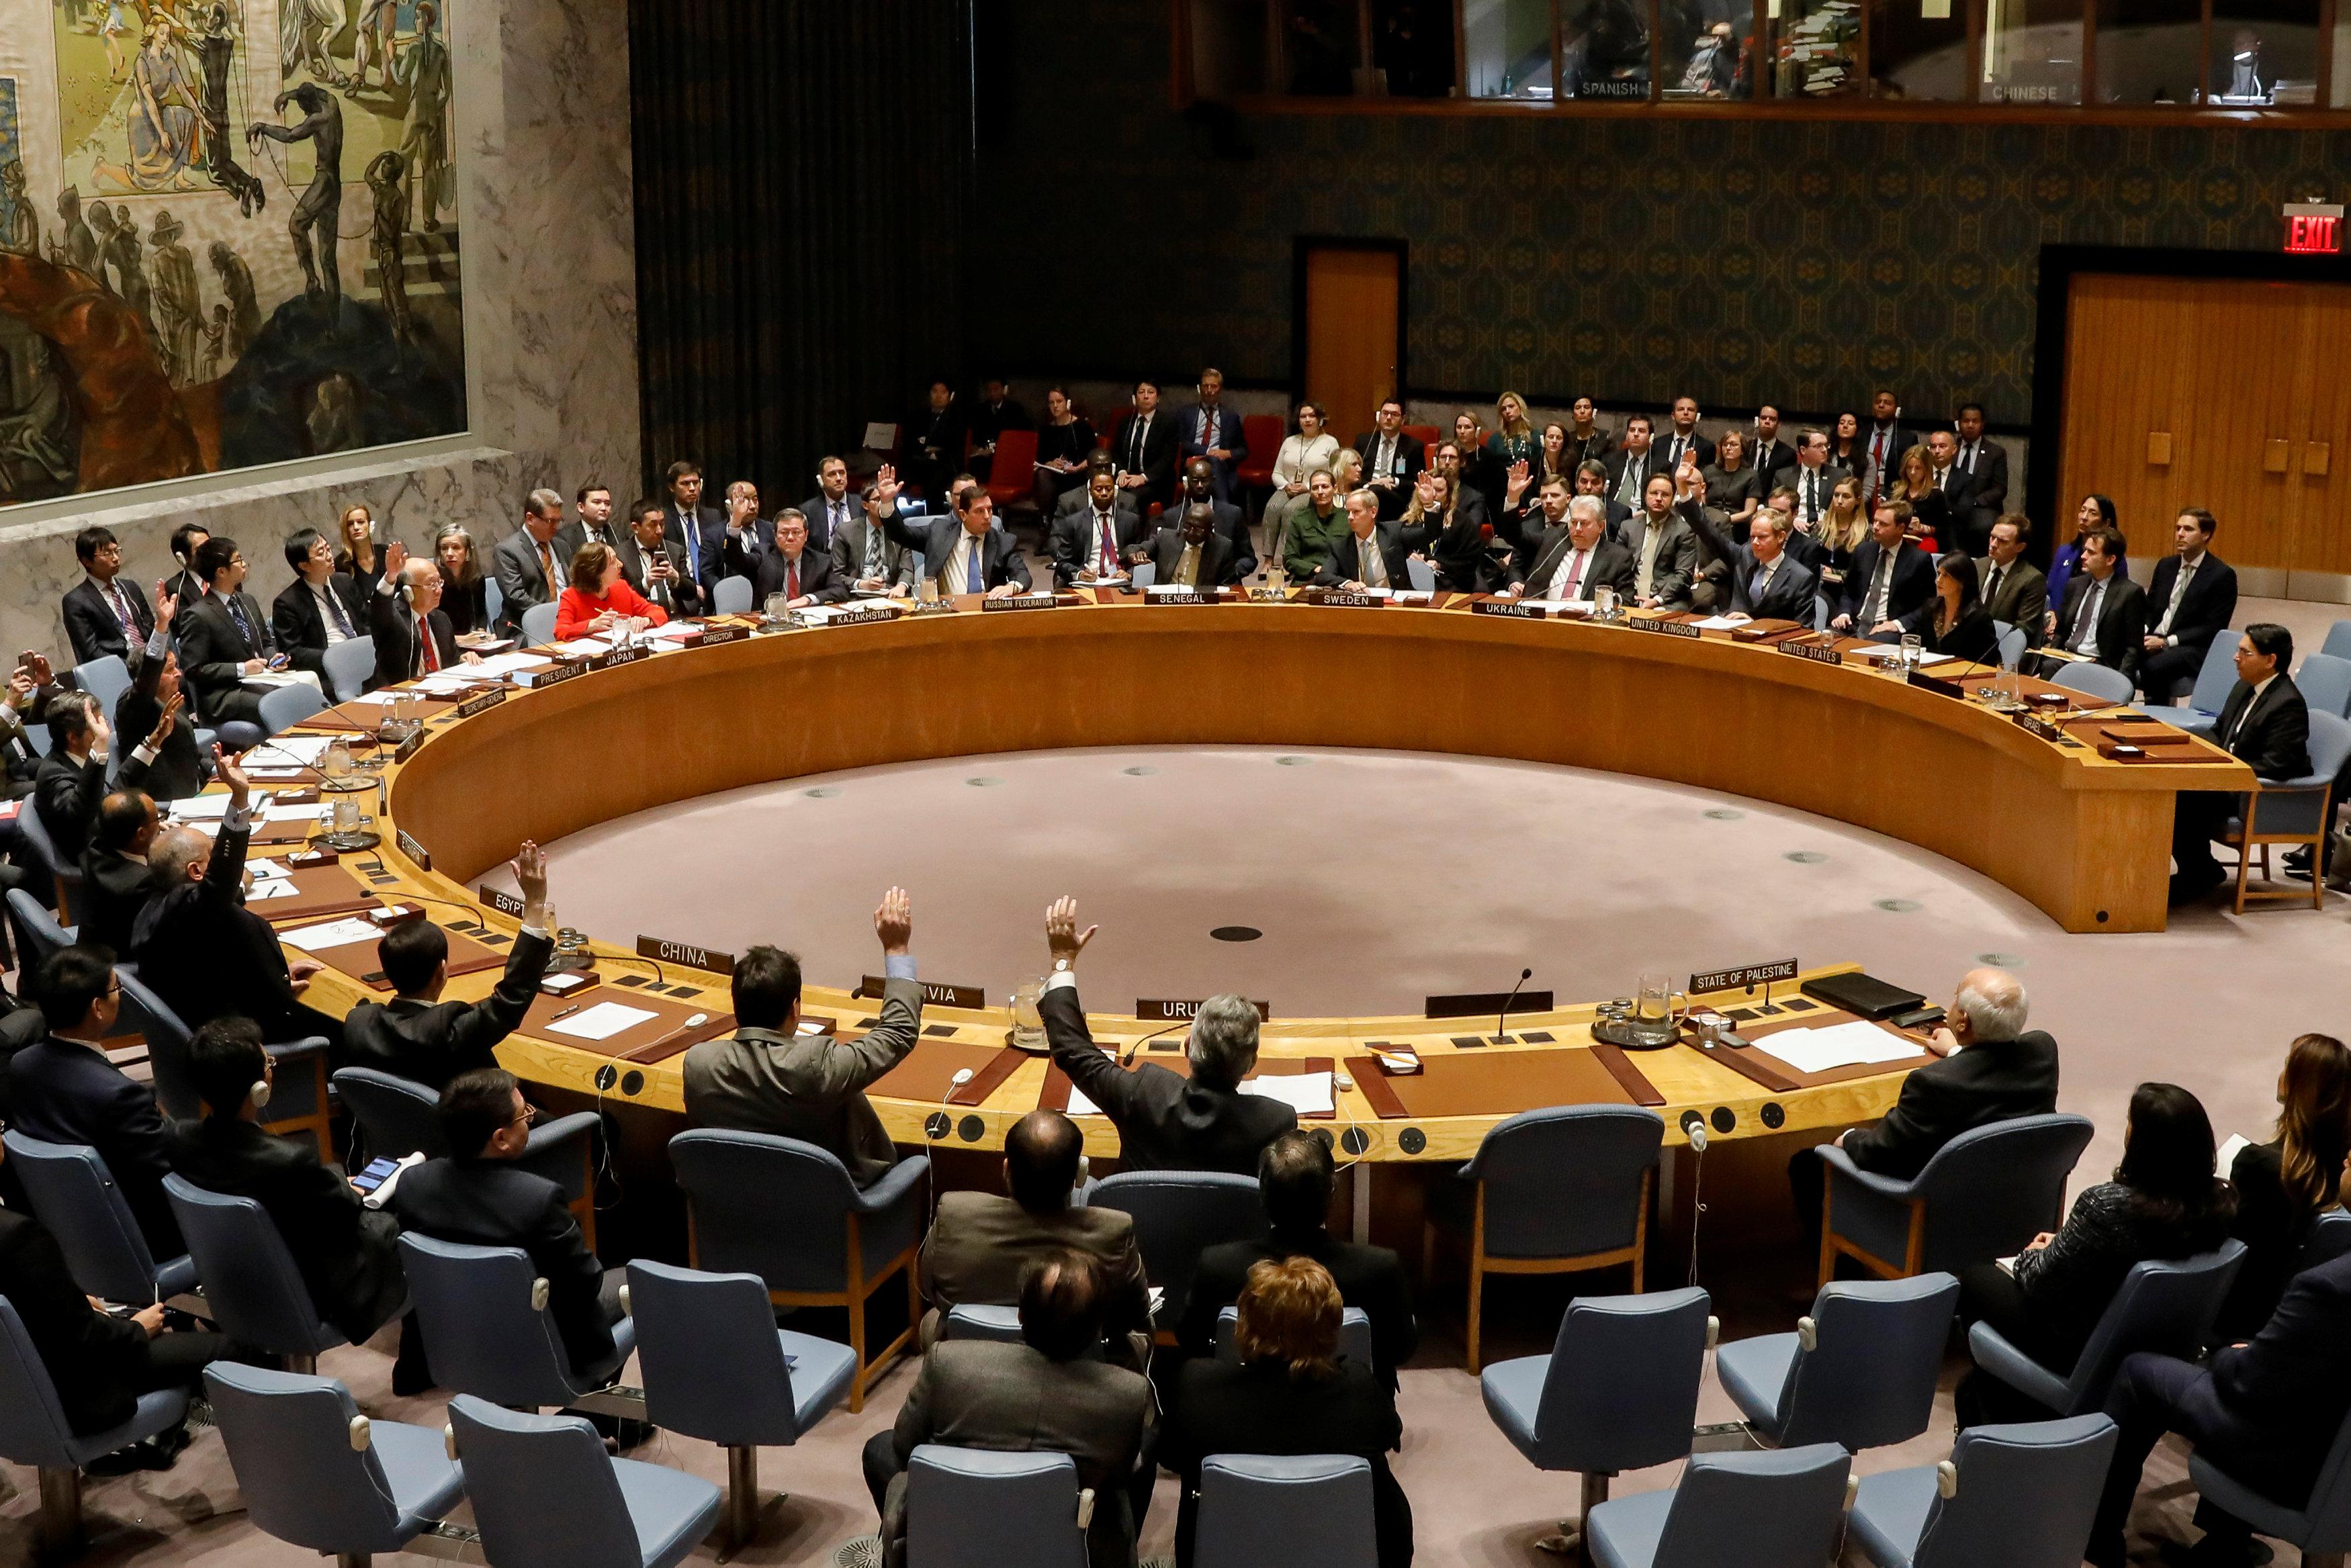 128 thành viên Liên Hiệp Quốc bỏ phiếu ủng hộ nghị quyết của Đại Hội Đồng về Jerusalem